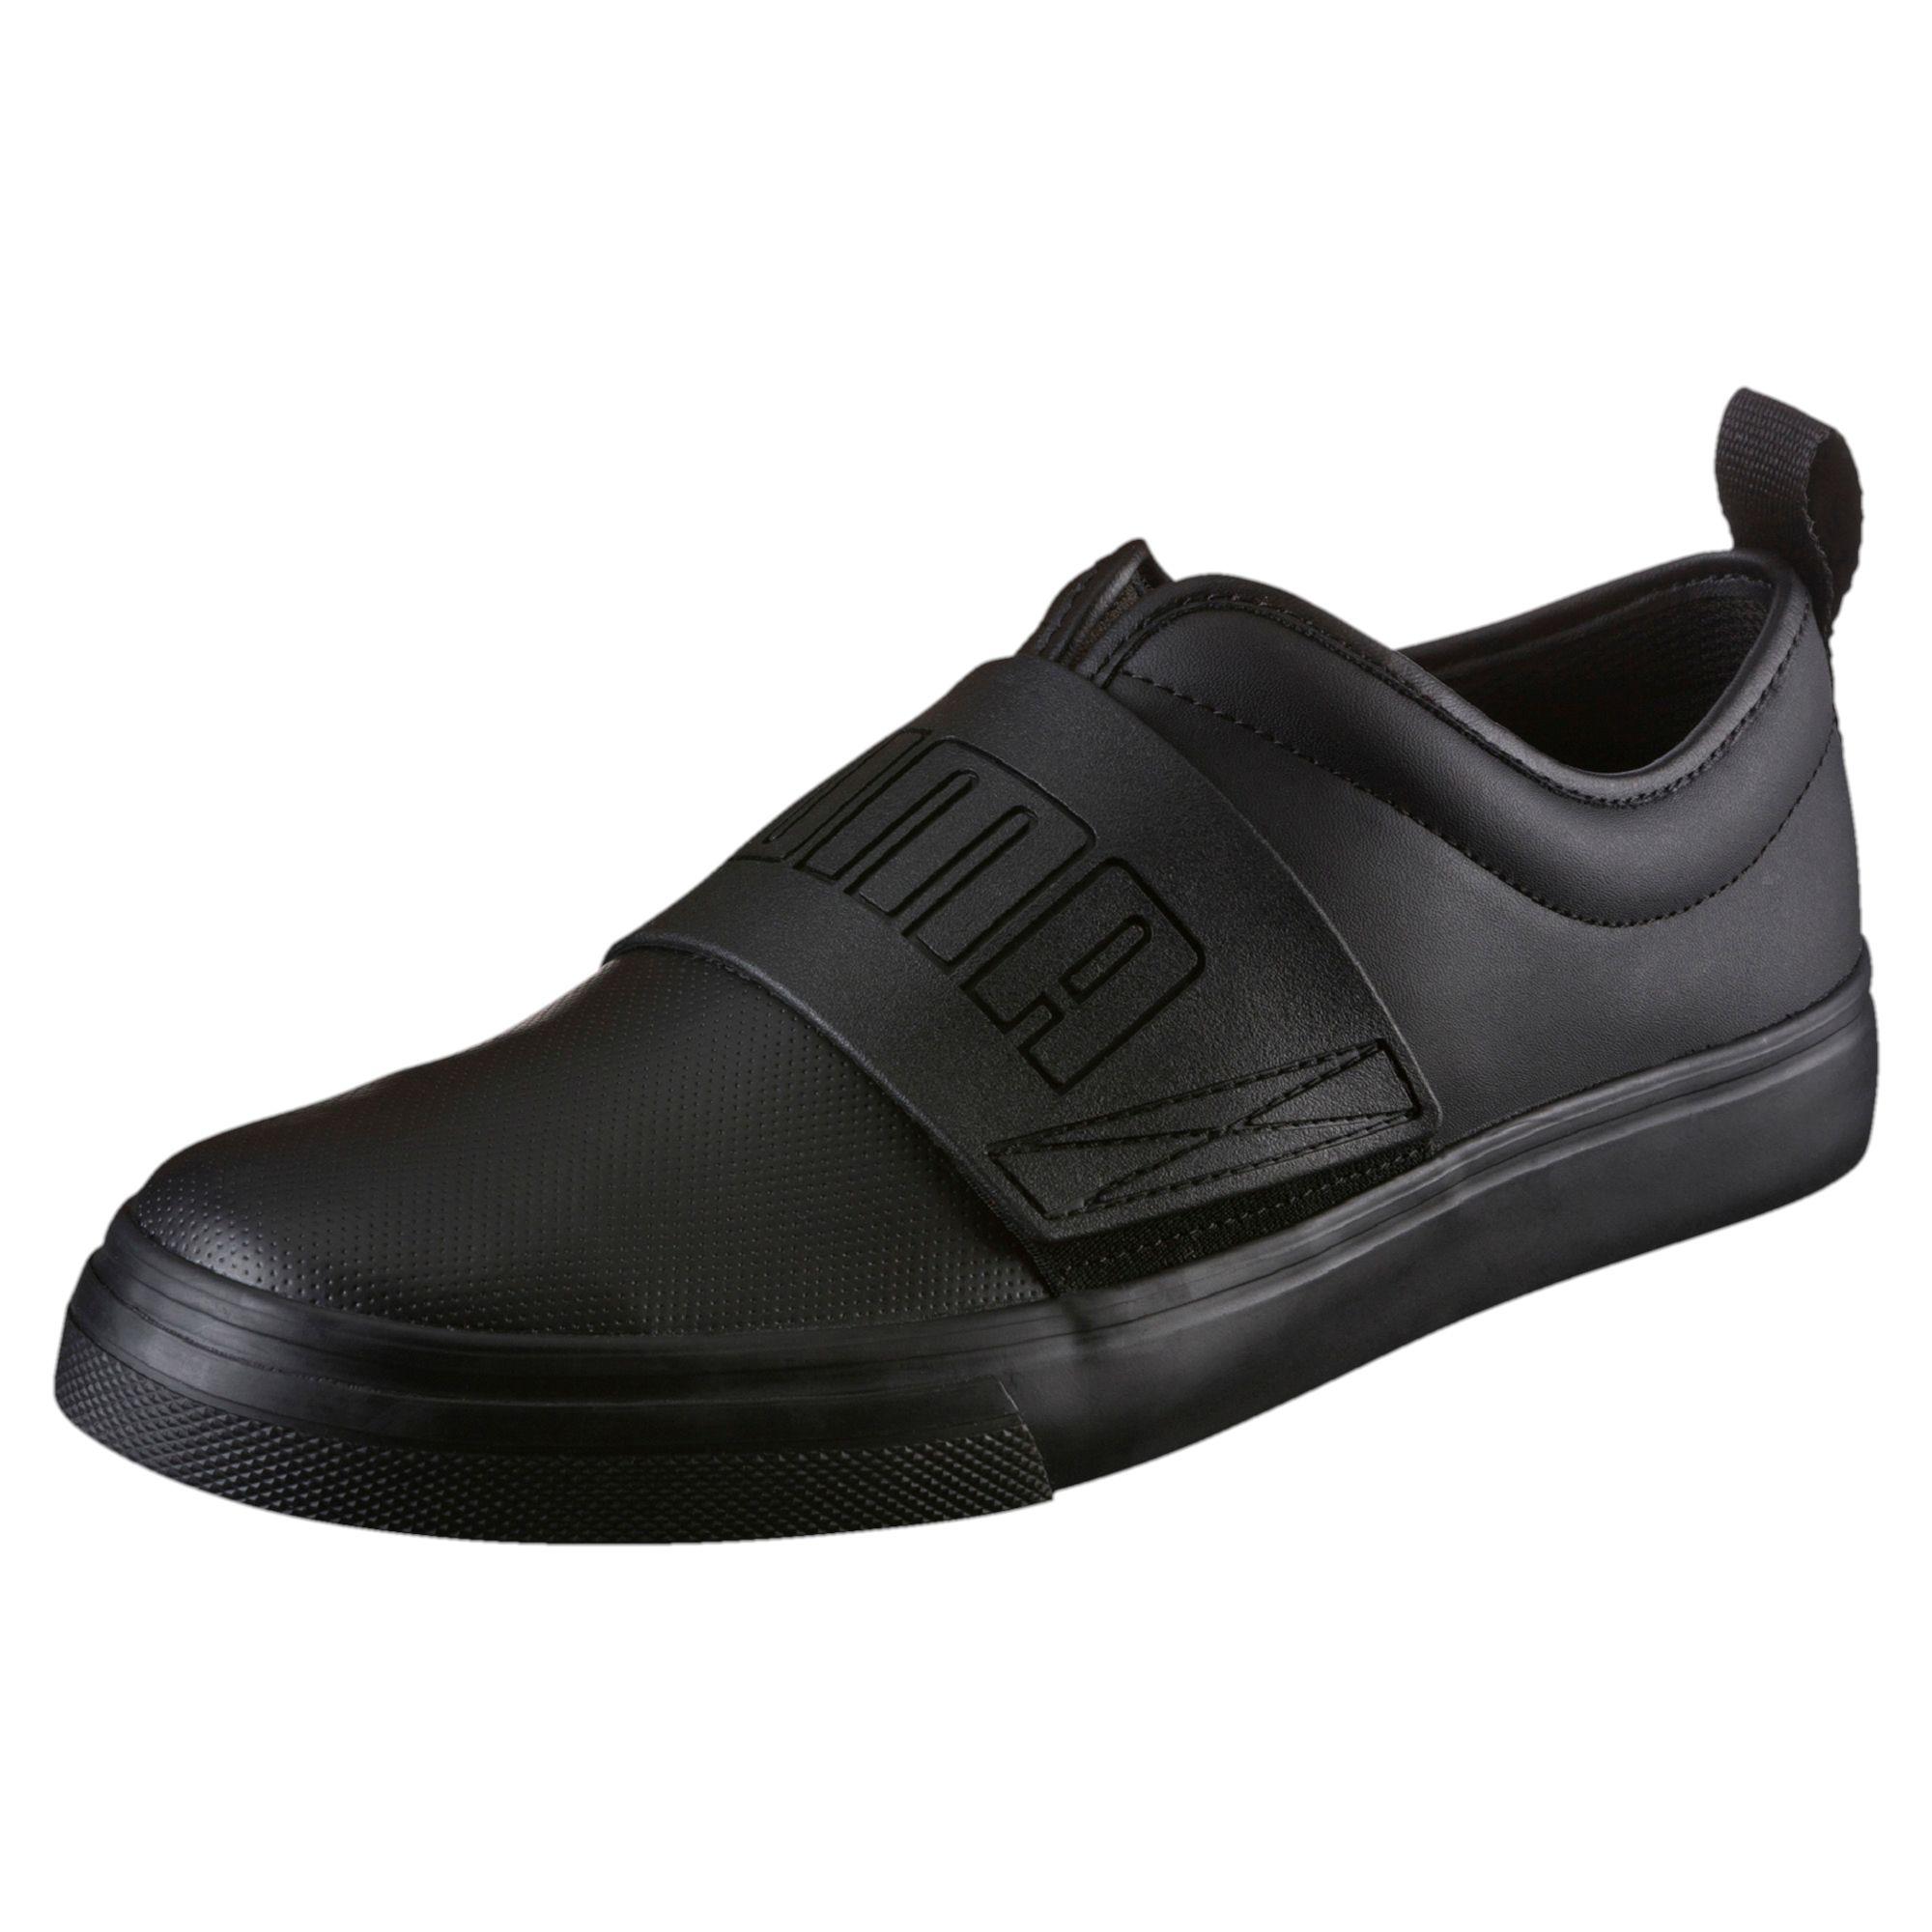 PUMA El Rey Fun 362370 02 Mens Sneakers Trainers Nero Pelle Taglia 43 NUOVO